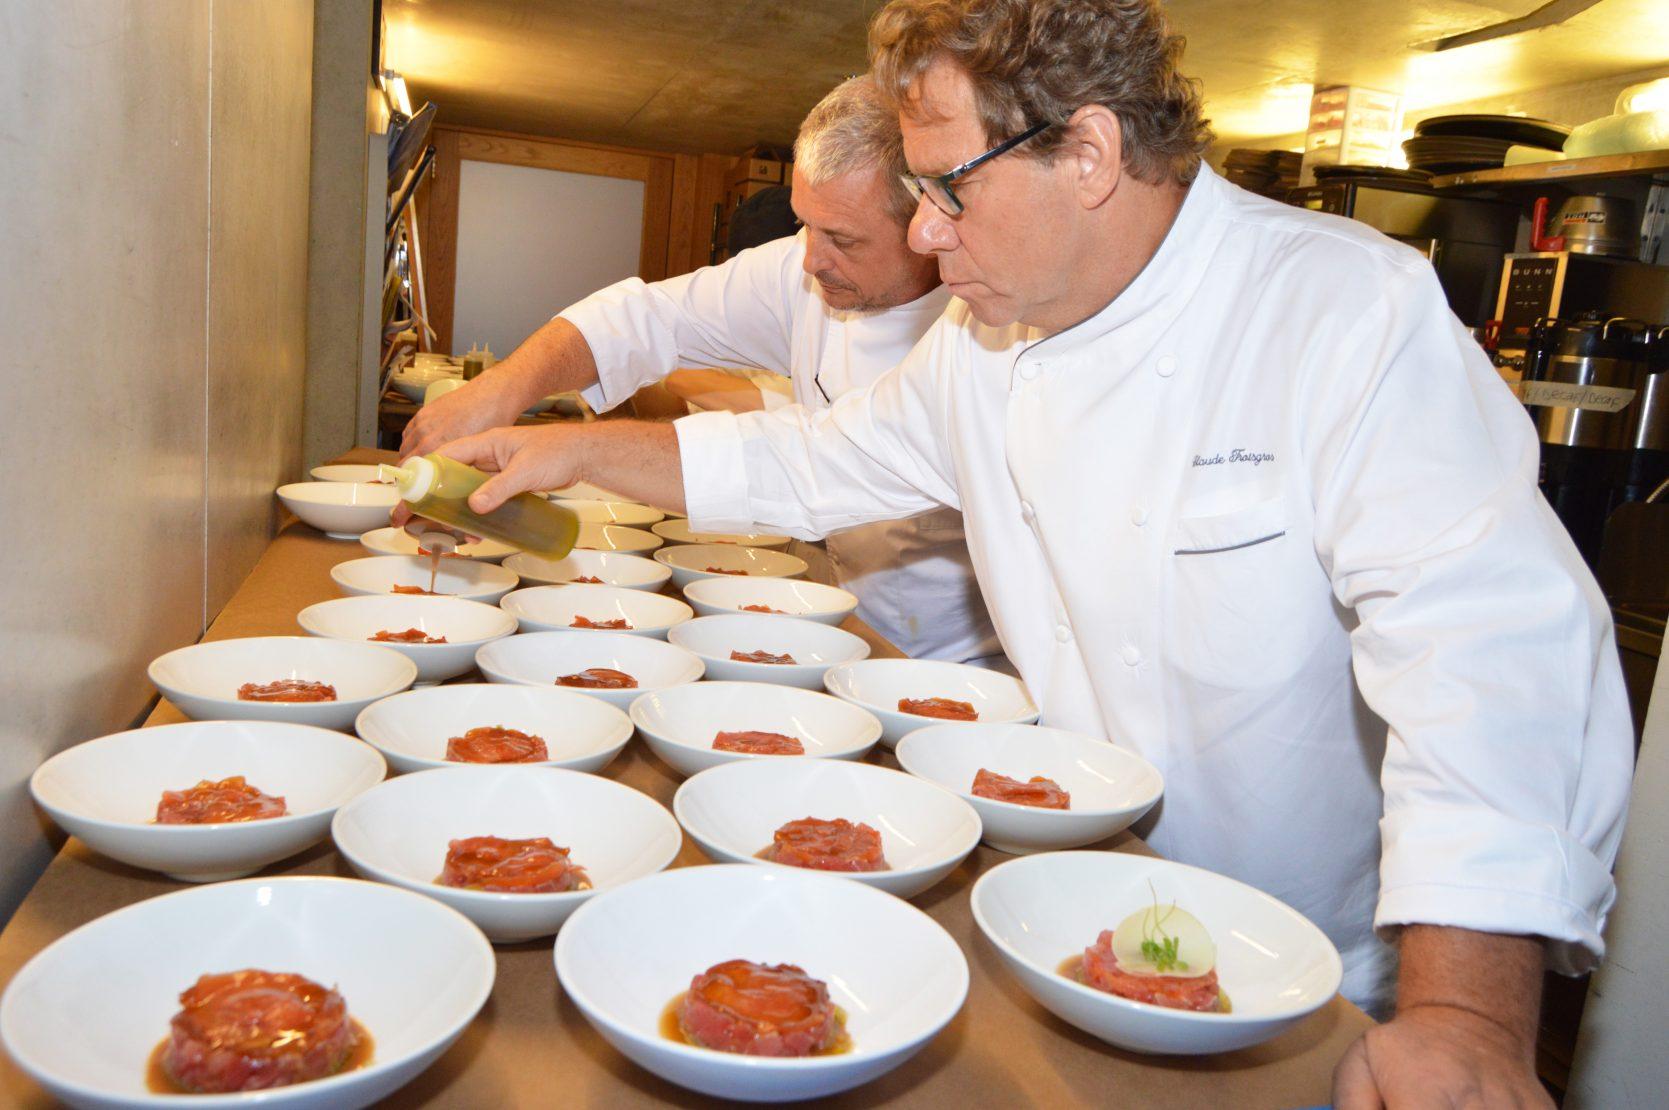 Claude Troisgros in the kitchen